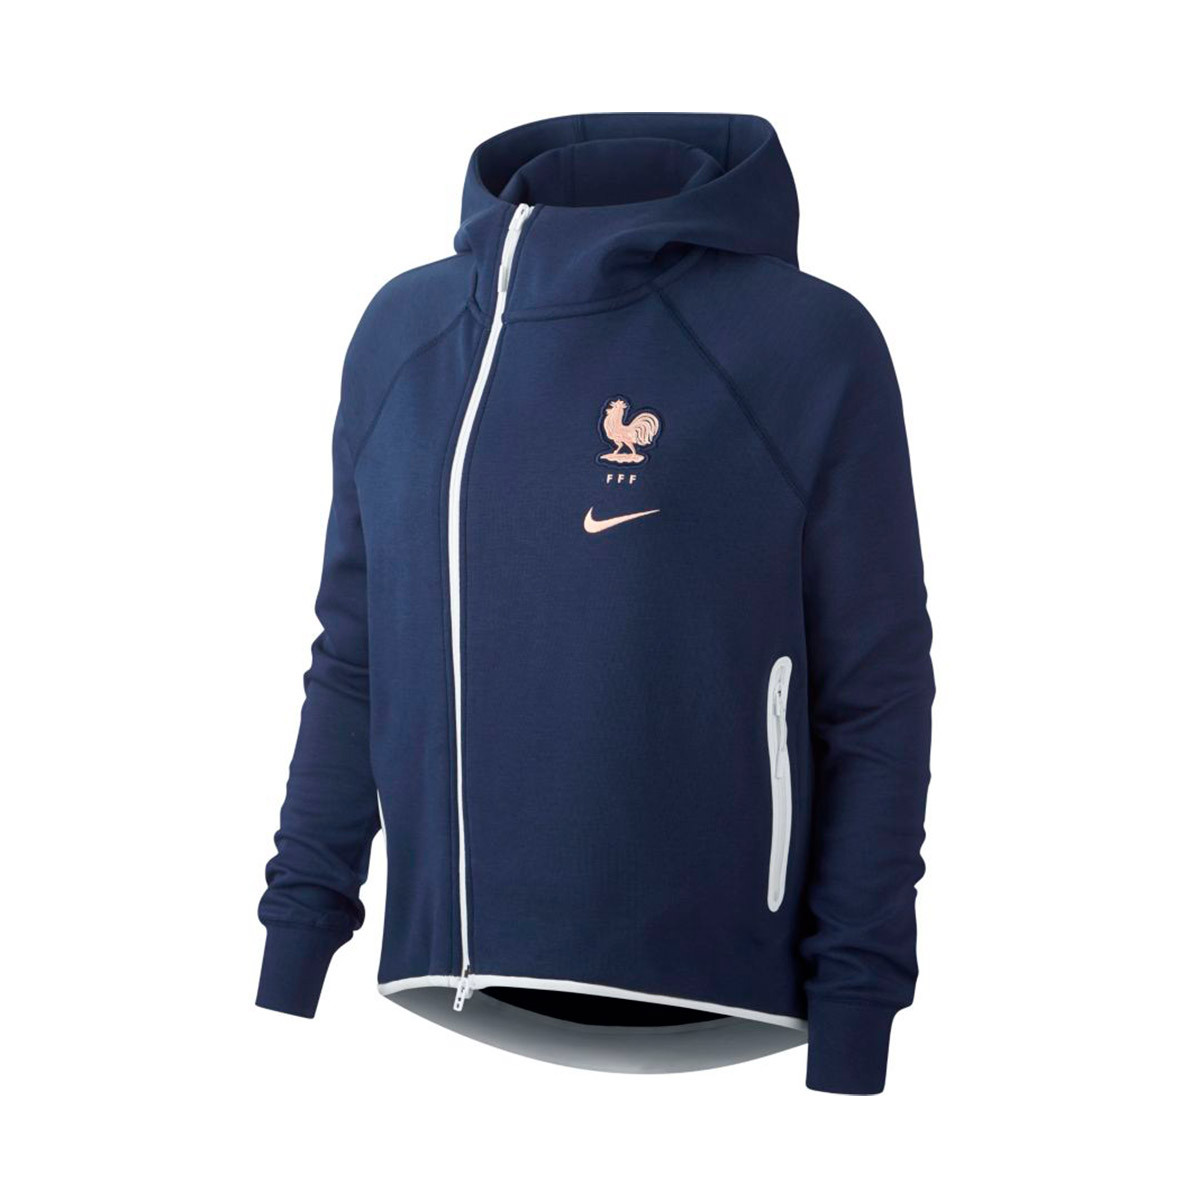 big sale 02675 a0756 Sudadera Selección Francia NSW Tech Fleece WWC 2019 Mujer Midnight  navy-White